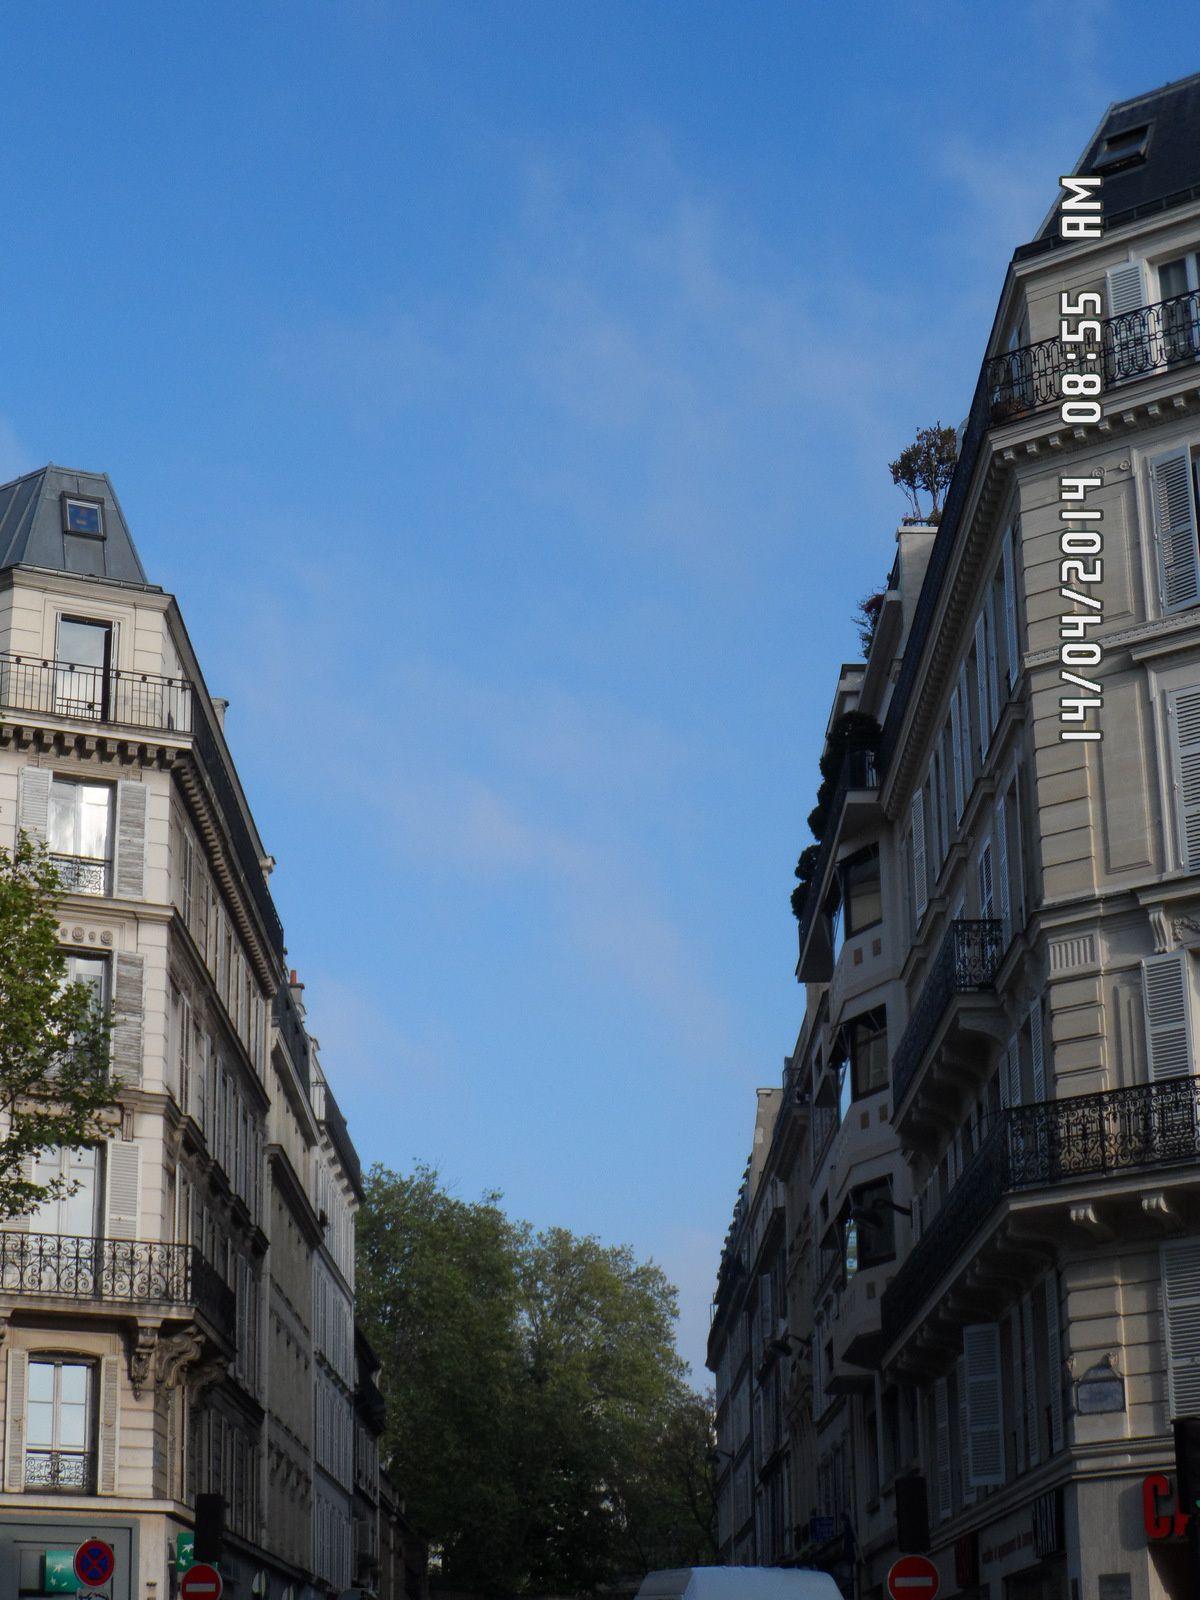 Ce matin, en allant travailler, dans les rues de Paris 8ème !